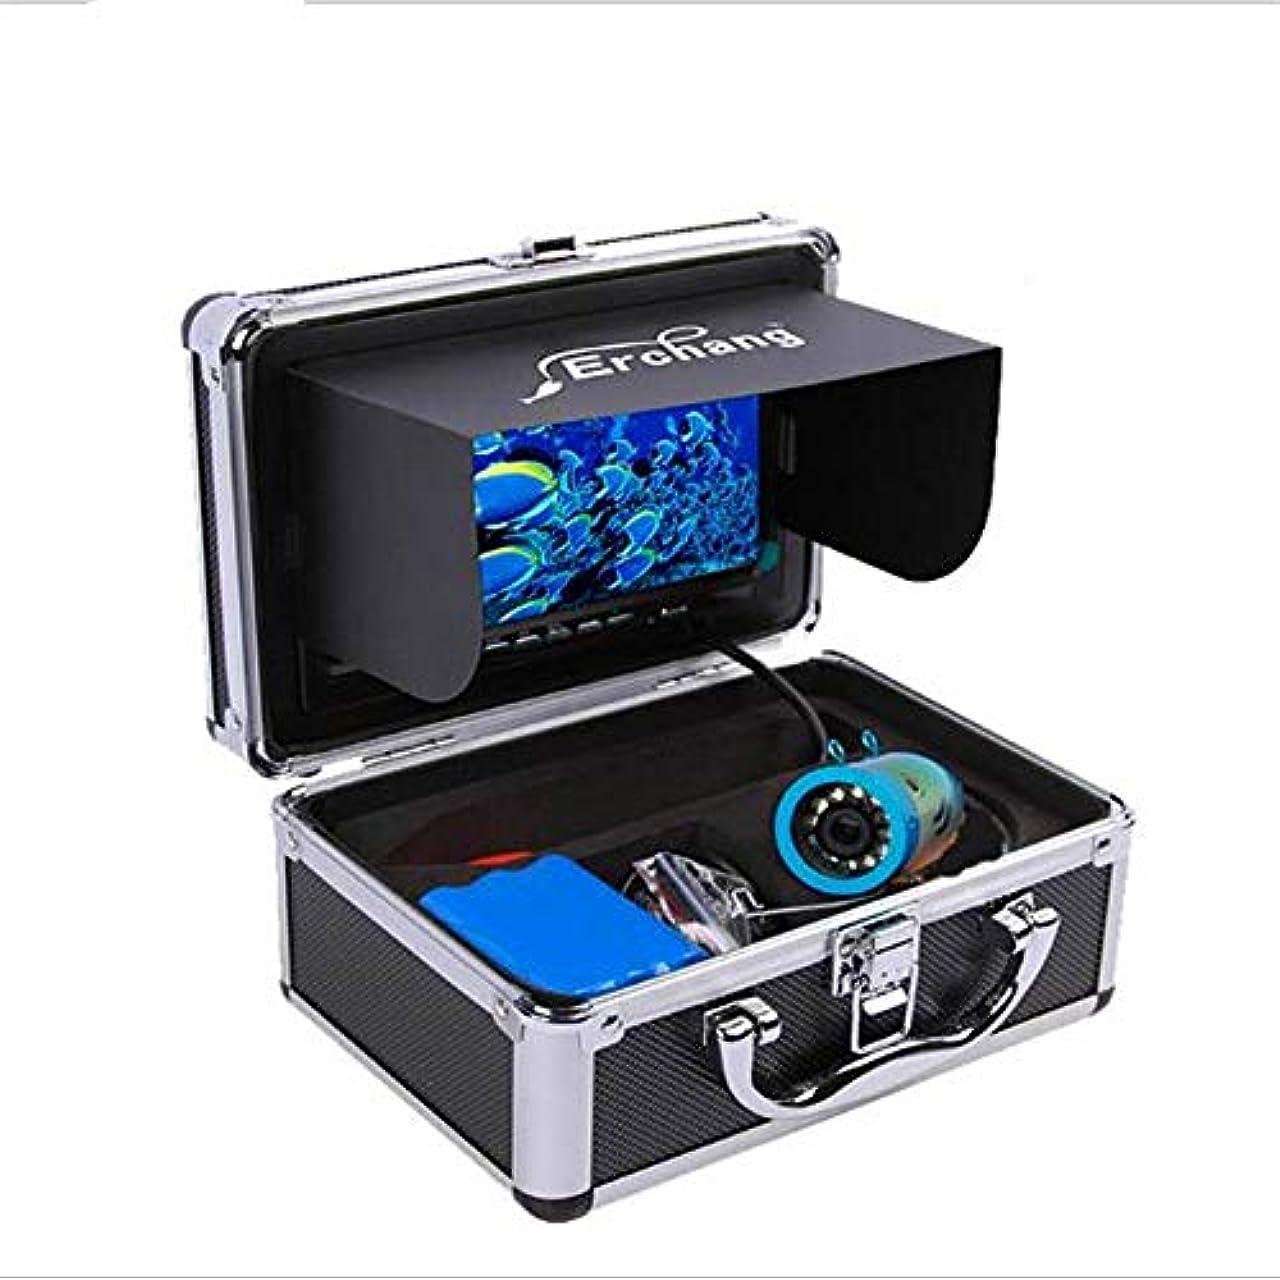 釣りカメラ、ポータブル7インチ液晶モニター魚群探知機防水水中HD 1000TVL釣りトラッカー24本IR赤外線LED、アイスボート釣り用。